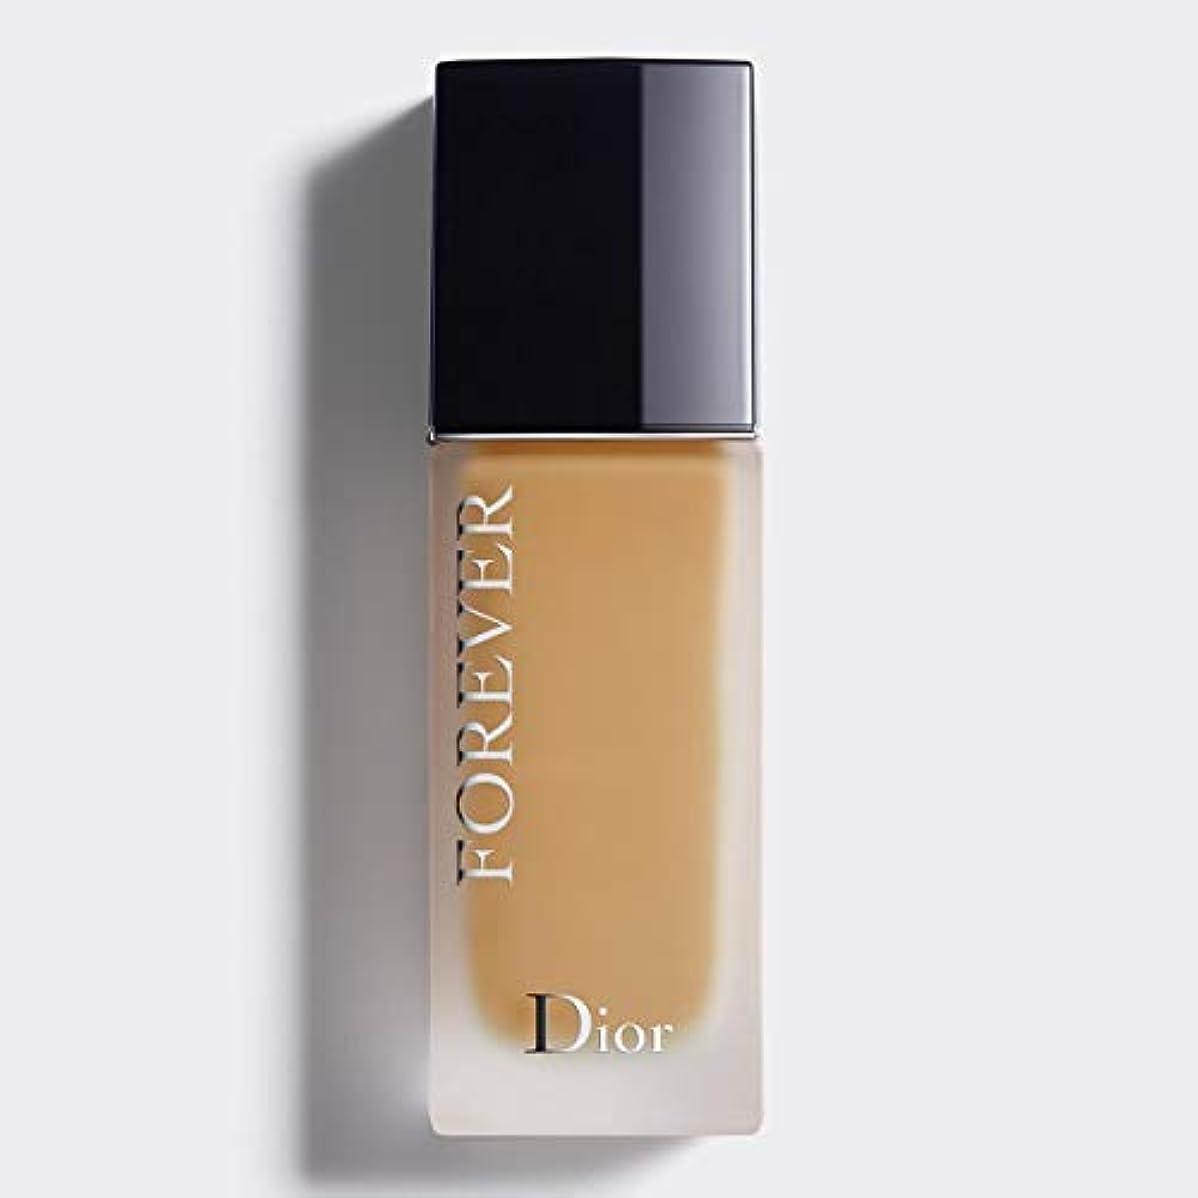 起業家まつげスポットクリスチャンディオール Dior Forever 24H Wear High Perfection Foundation SPF 35 - # 3WO (Warm Olive) 30ml/1oz並行輸入品